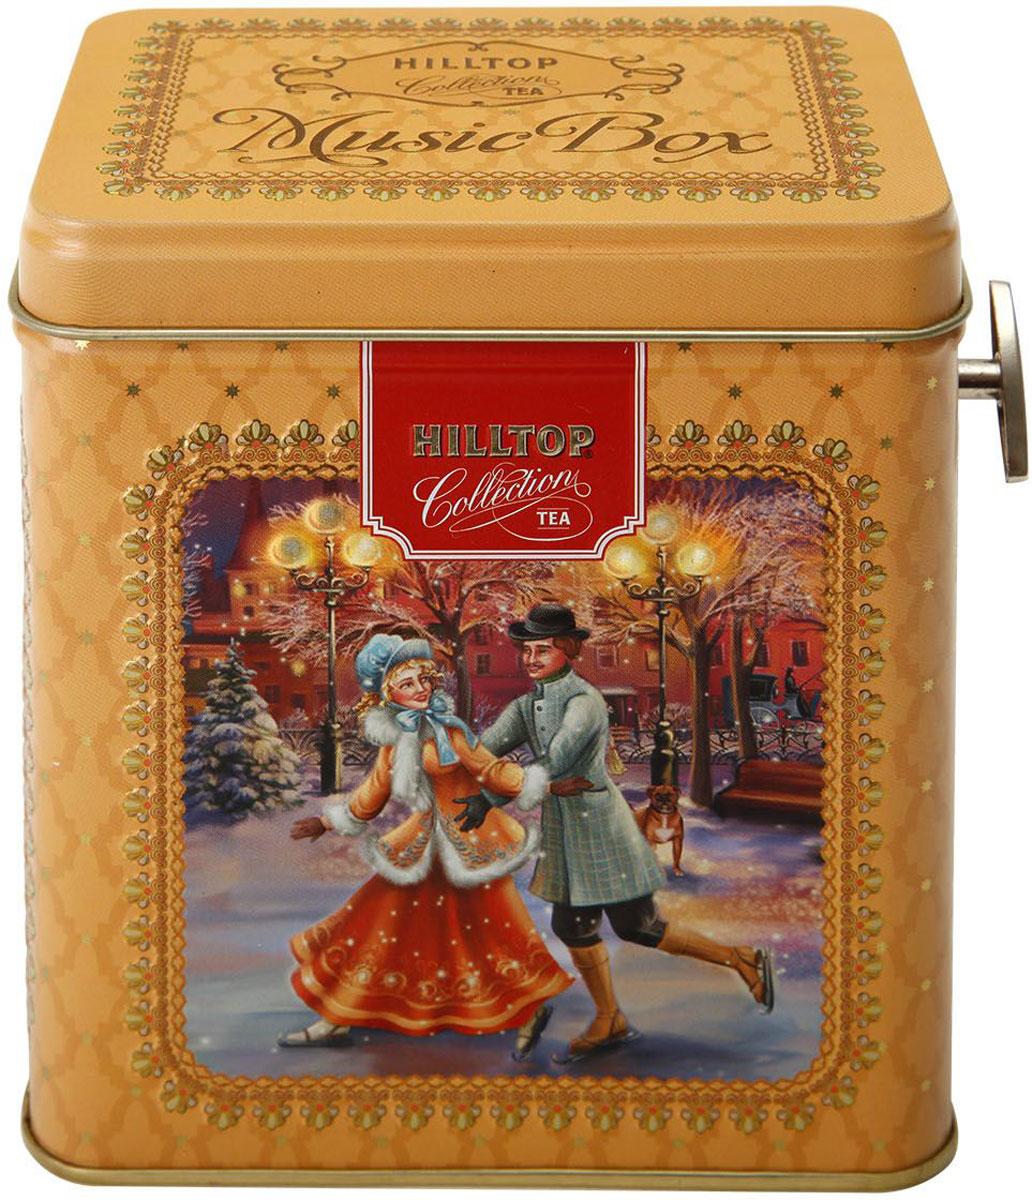 Hilltop Шкатулка Рождественские катания Черный лист черный листовой чай, 100 г101246Hilltop Черный лист - особо крупнолистовой цейлонский черный чай с насыщенным ароматом и терпким послевкусием. Поставляется в красочной подарочной упаковке. Отлично подойдет в качестве подарка на новогодние праздники.